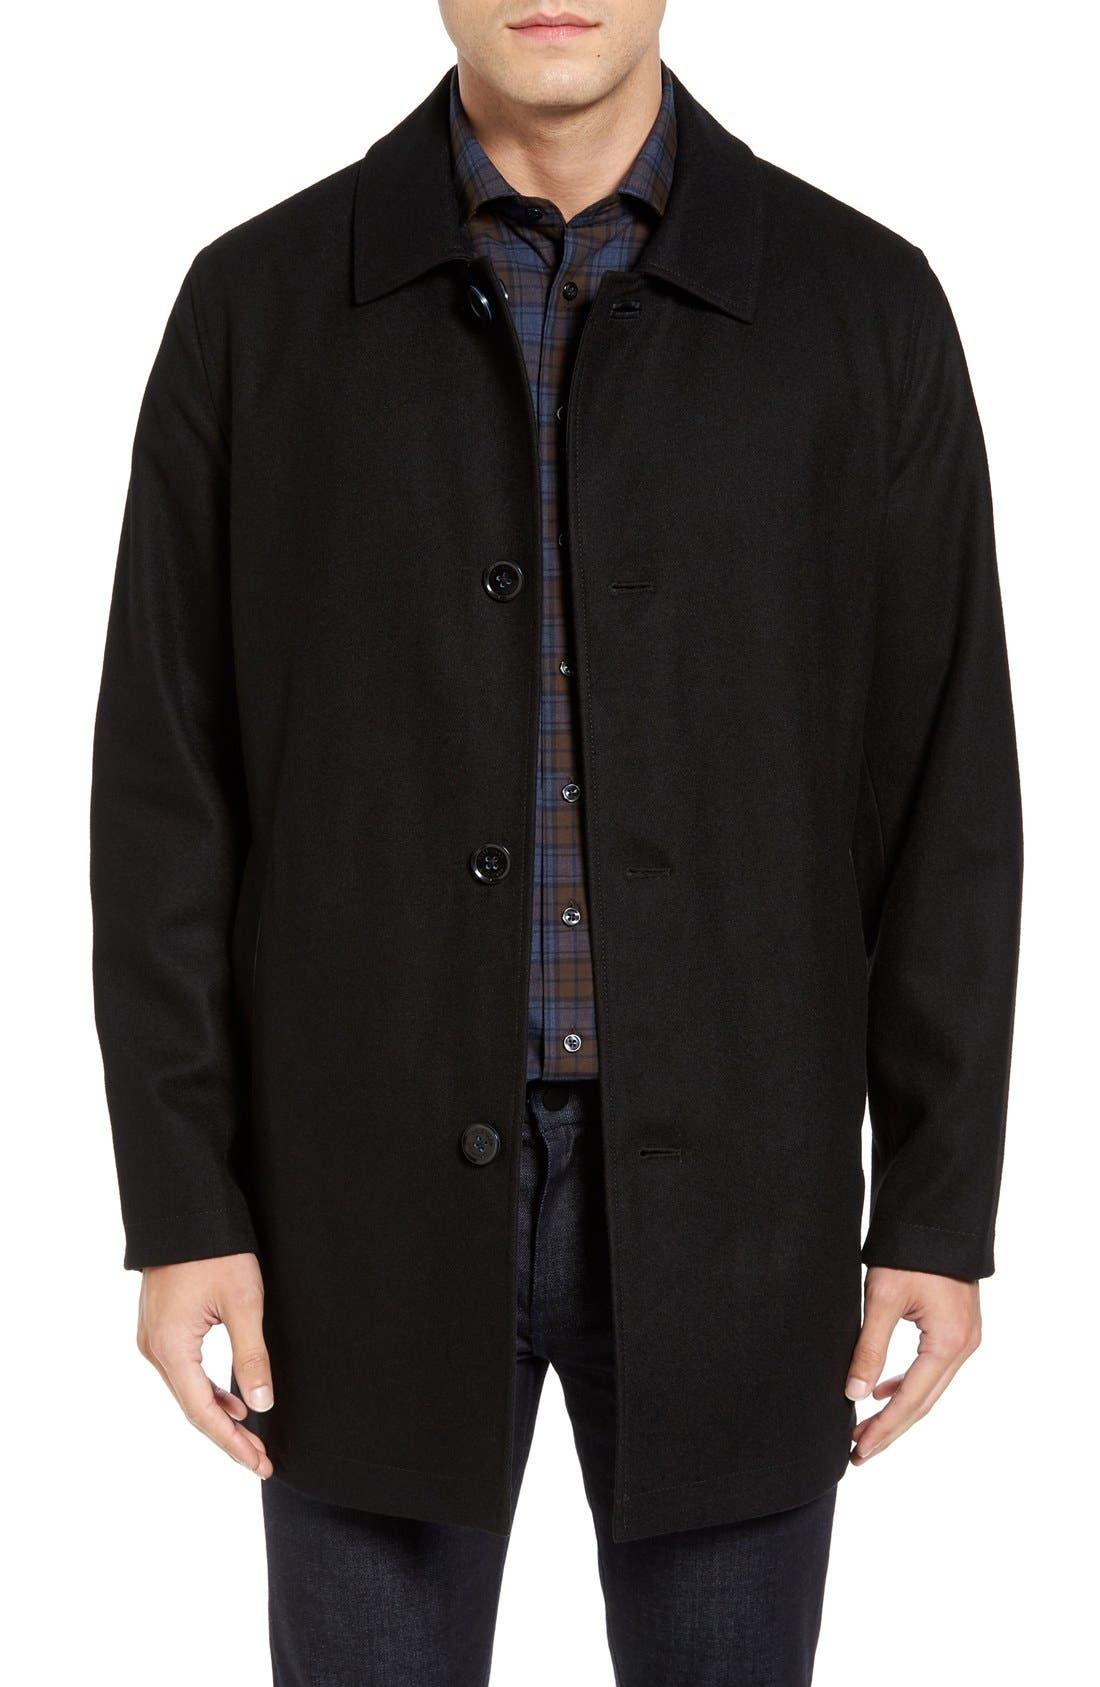 Cole Haan Reversible Wool Blend Overcoat,                         Main,                         color, 001